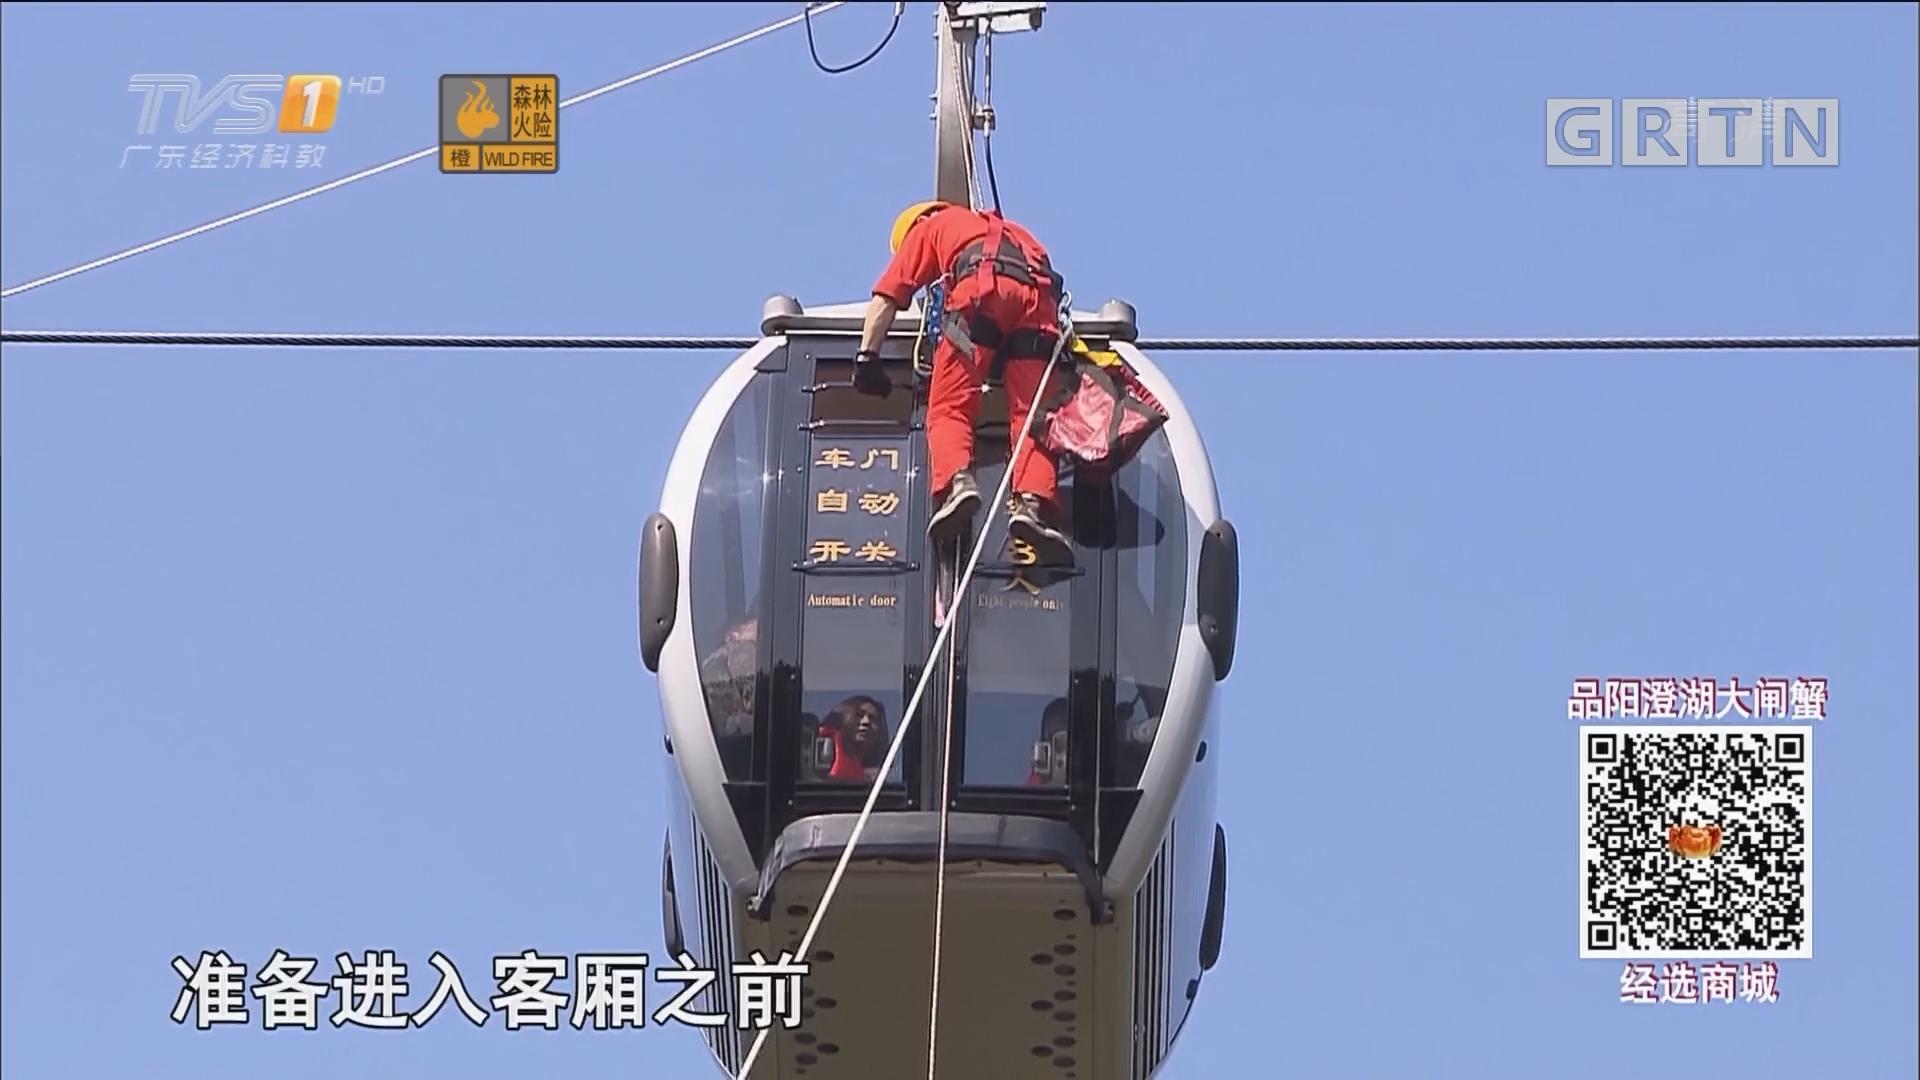 直击:白云山索道应急演练 空中救援紧急进行